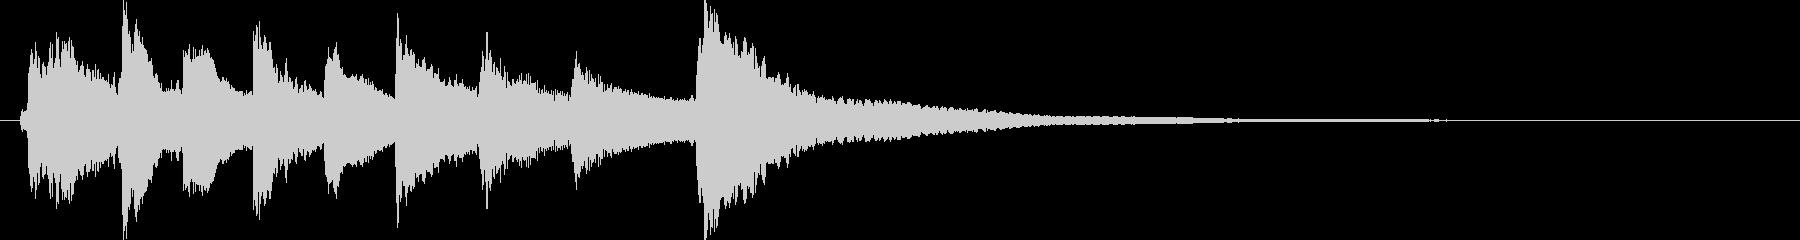 和風ジングル雅 琴のみ  7_14の未再生の波形